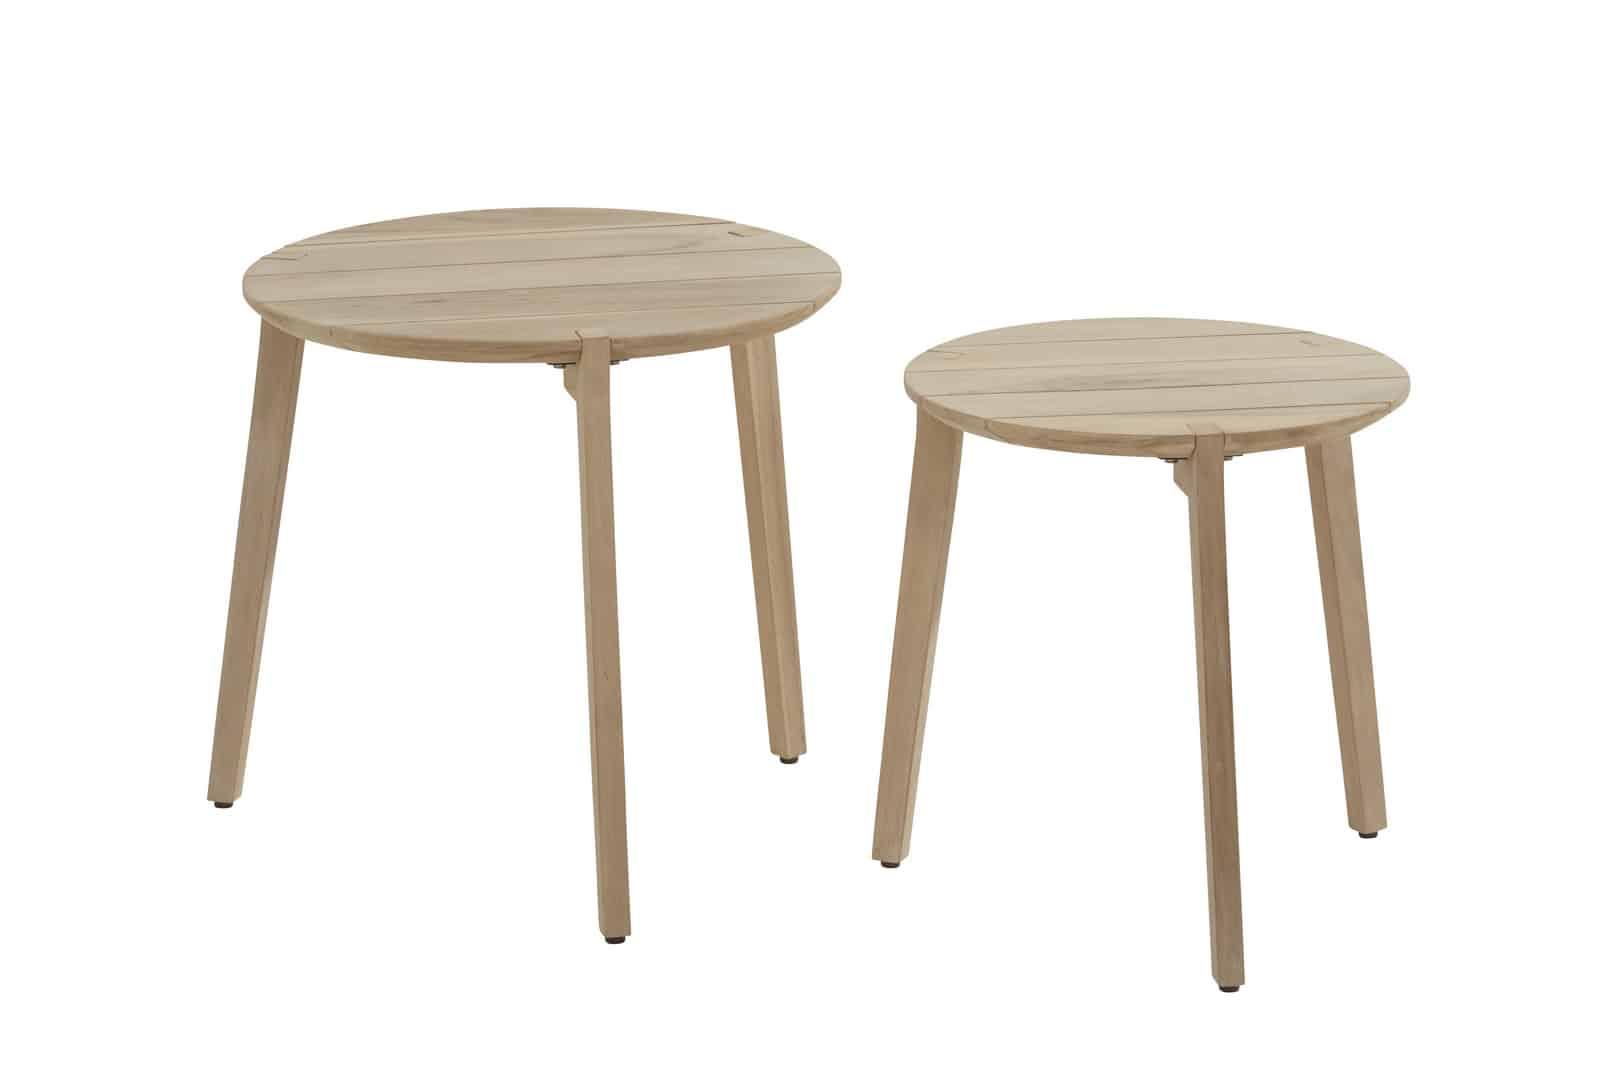 4 Seasons Outdoor Gabor Coffee Table 55cm De Tropen - Small Round Wooden Garden Coffee Table